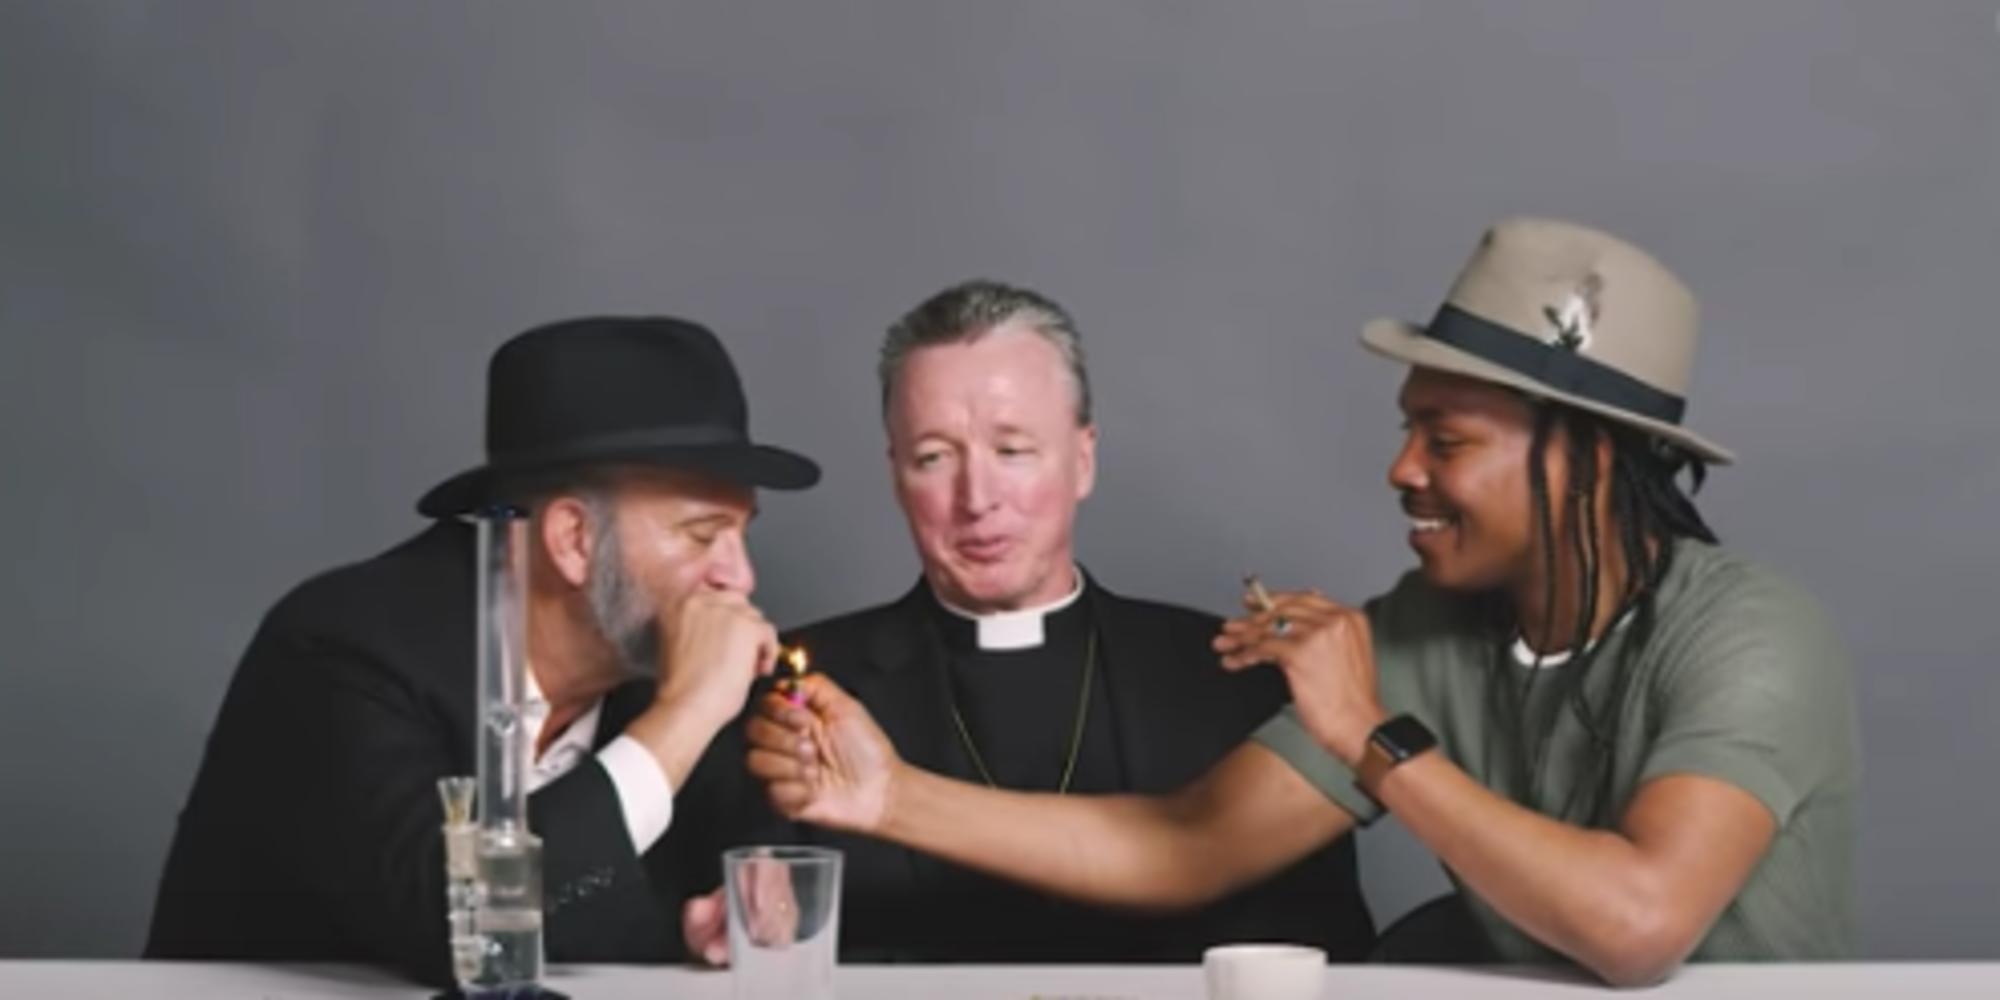 Vídeo mostra um rabino, um padre e um ateu fumando maconha juntos